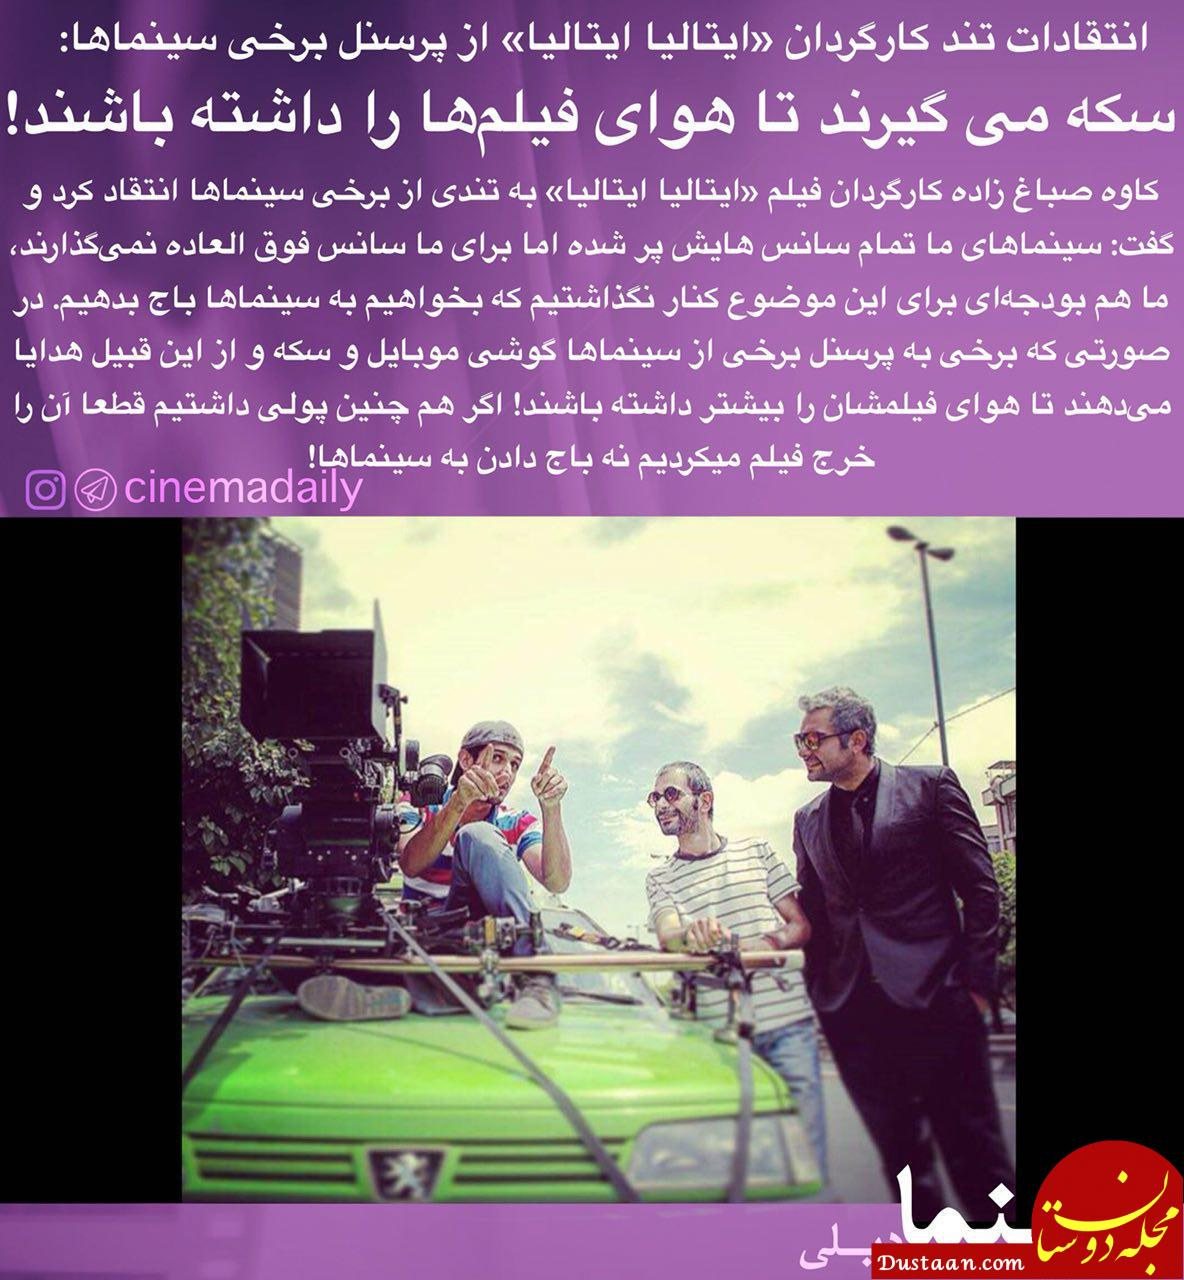 www.dustaan.com سکه می گیرند تا هوای فیلم را داشته باشند! +عکس